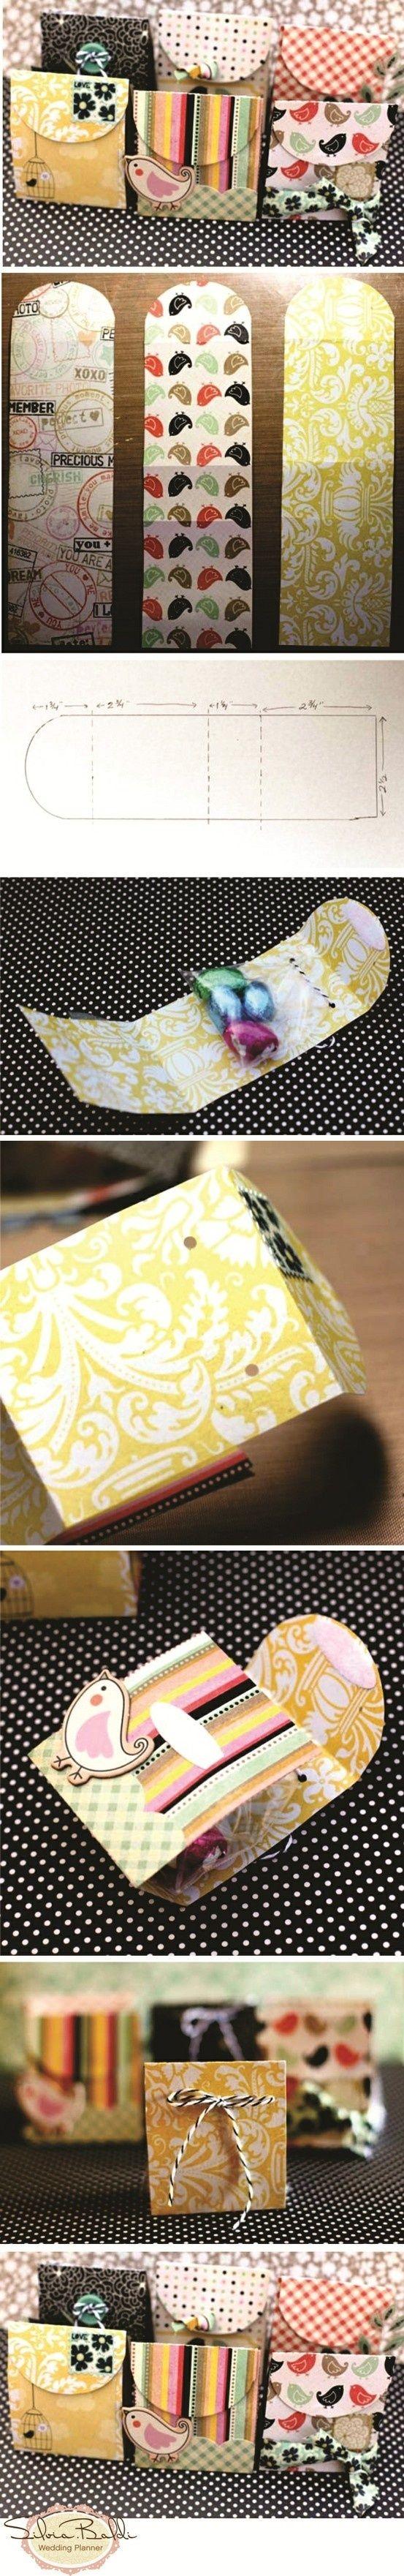 Gift packaging envase embalaje www.anper.es/envolver-regalo-san-valentin/